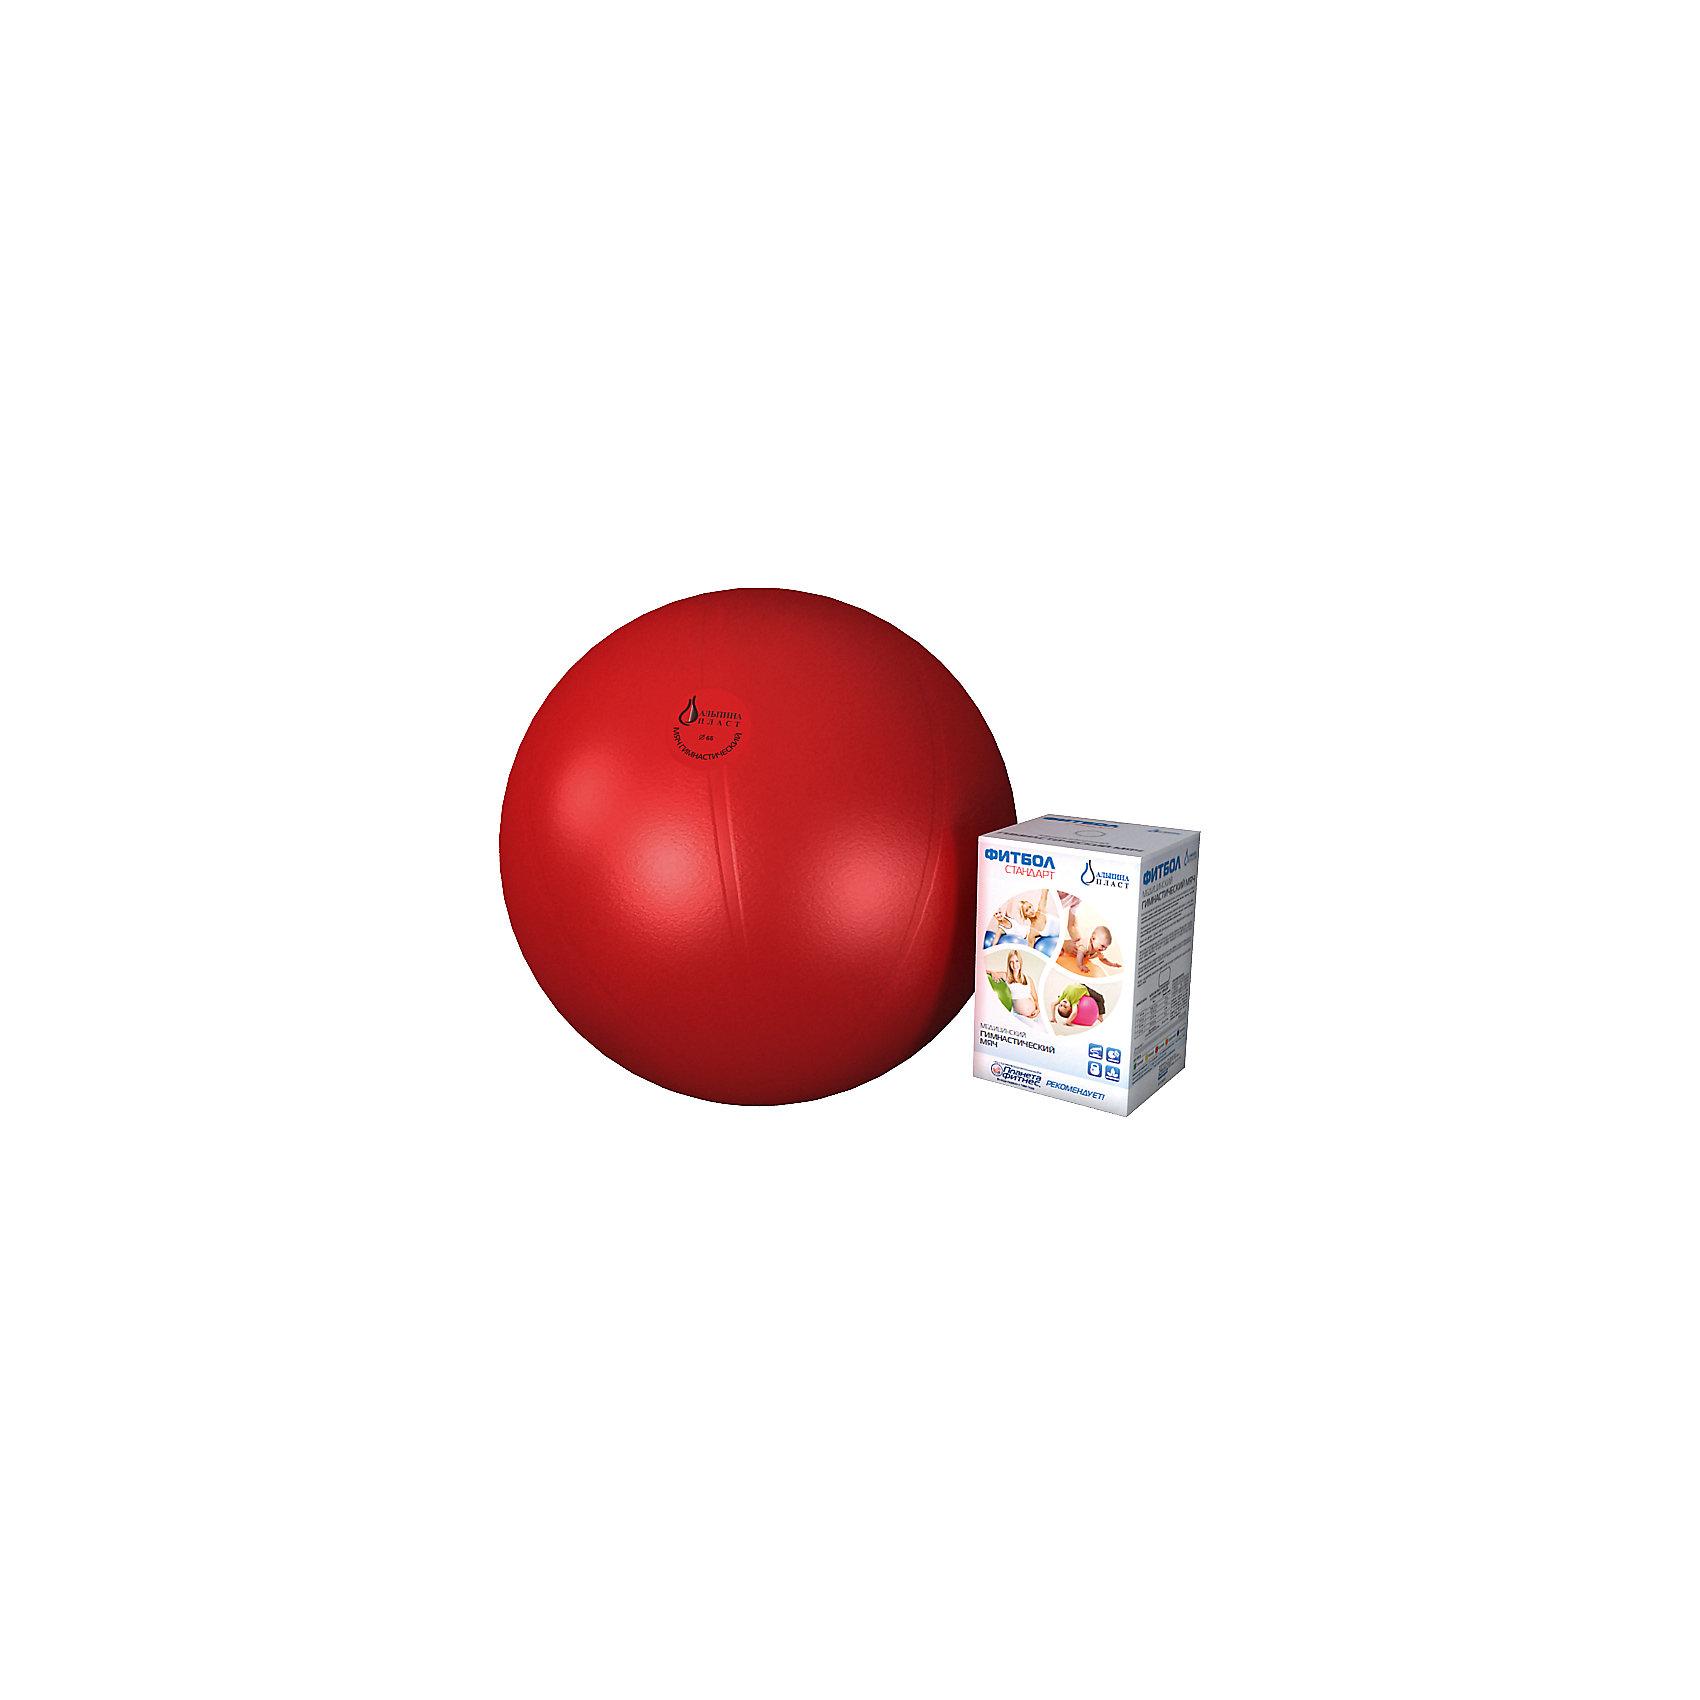 Фитбол Стандарт, красный, ?750 мм, Альпина ПластТренажёры<br>Фитбол Стандарт, красный, ?750 мм, Альпина Пласт.<br><br>Характеристики:<br><br>• Возврат: от 4 месяцев до 16 лет<br>• Диаметр гимнастического мяча: 75 см.<br>• Выдерживает нагрузку до 300 кг.<br>• Система антивзрыв<br>• Материал: ПВХ (Италия) <br>• Цвет: красный<br>• Регистрационное удостоверение № ФСР 2010/09426 от 13.12.10<br><br>Яркий гимнастический мяч (фитбол) Стандарт от отечественного производителя предназначен для: занятий спортивной и лечебной гимнастикой; развития и укрепления мышц спины, рук, живота и ног; формирования правильной осанки; игр и отдыха. Идеально подходит для занятий с детьми с 4-месячного возраста с целью формирования правильных рефлексов и развития координации движения. Фитбол Стандарт снабжен системой антивзрыв, изготовлен на немецком оборудовании из нетоксичного и гипоаллергенного ПВХ (Италия) безвредного для детей любого возраста. Во время гимнастики на фитболе сгорает больше килокалорий, чем при простой силовой тренировке, так как равномерно прорабатываются те группы мышц, которые обычно недоступны, особенно мышцы брюшного пресса и спины. Мяч очень легкий и компактный, надувается насосом в считанные минуты. Продукт сертифицирован как изделие медицинского назначения и соответствует требованиям ТУ 9398-011-17707123-2010.<br><br>Фитбол Стандарт, красный, ?750 мм, Альпина Пласт можно купить в нашем интернет-магазине.<br><br>Ширина мм: 180<br>Глубина мм: 160<br>Высота мм: 270<br>Вес г: 1470<br>Возраст от месяцев: 4<br>Возраст до месяцев: 192<br>Пол: Унисекс<br>Возраст: Детский<br>SKU: 5510694